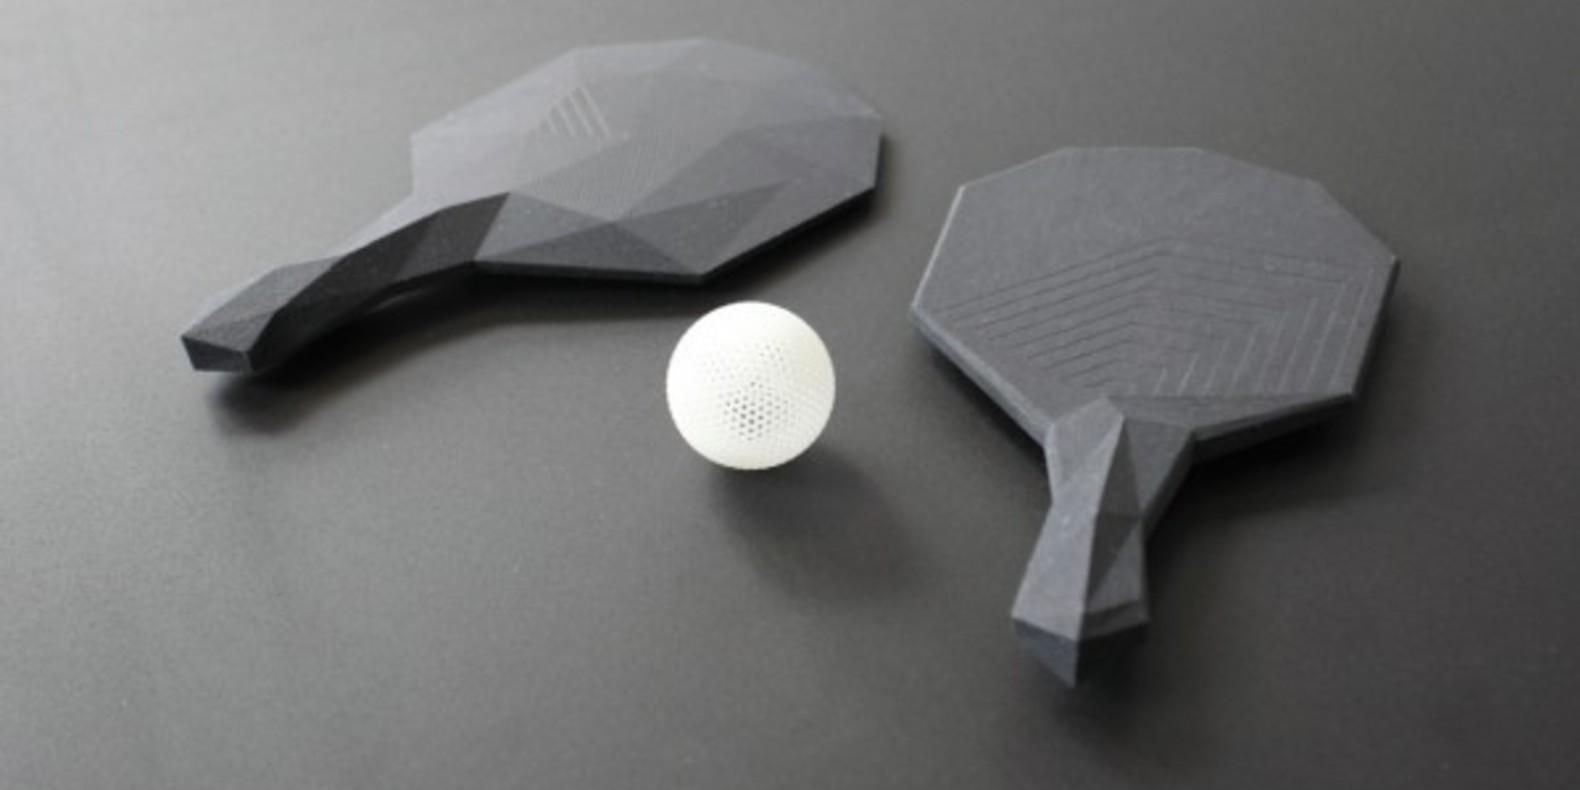 Cults table de ping pong imprimée en 3D janne kyttanen 3D printing fichier 3D imprimante 3D sport design 4